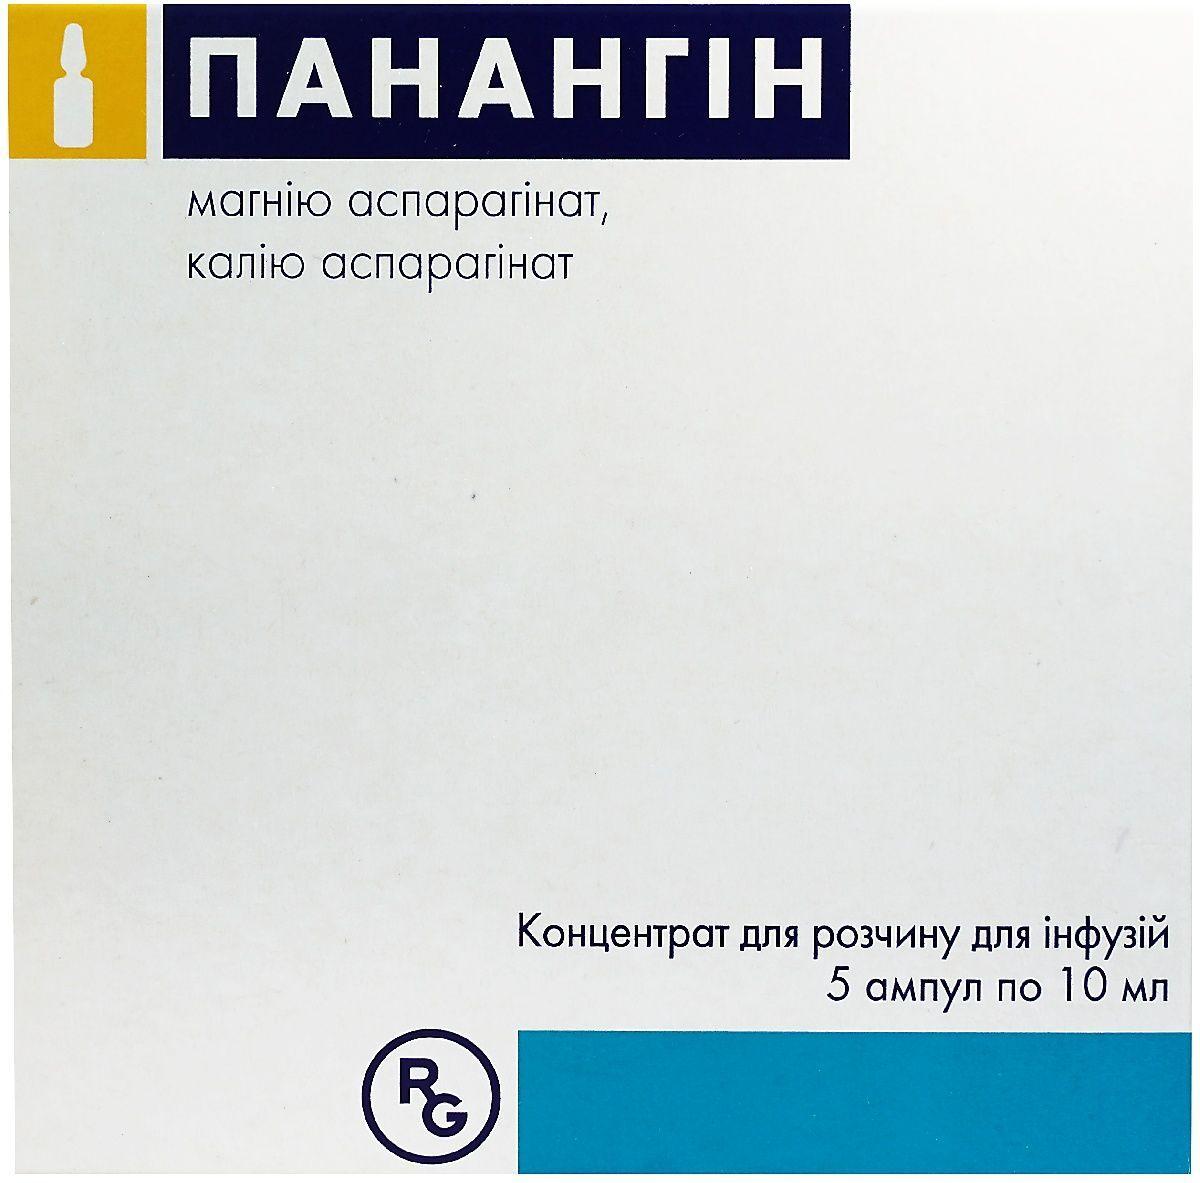 Панангин концентрат для приготовления раствора для инфузий 10 мл №5_60060ecfc5d99.jpeg